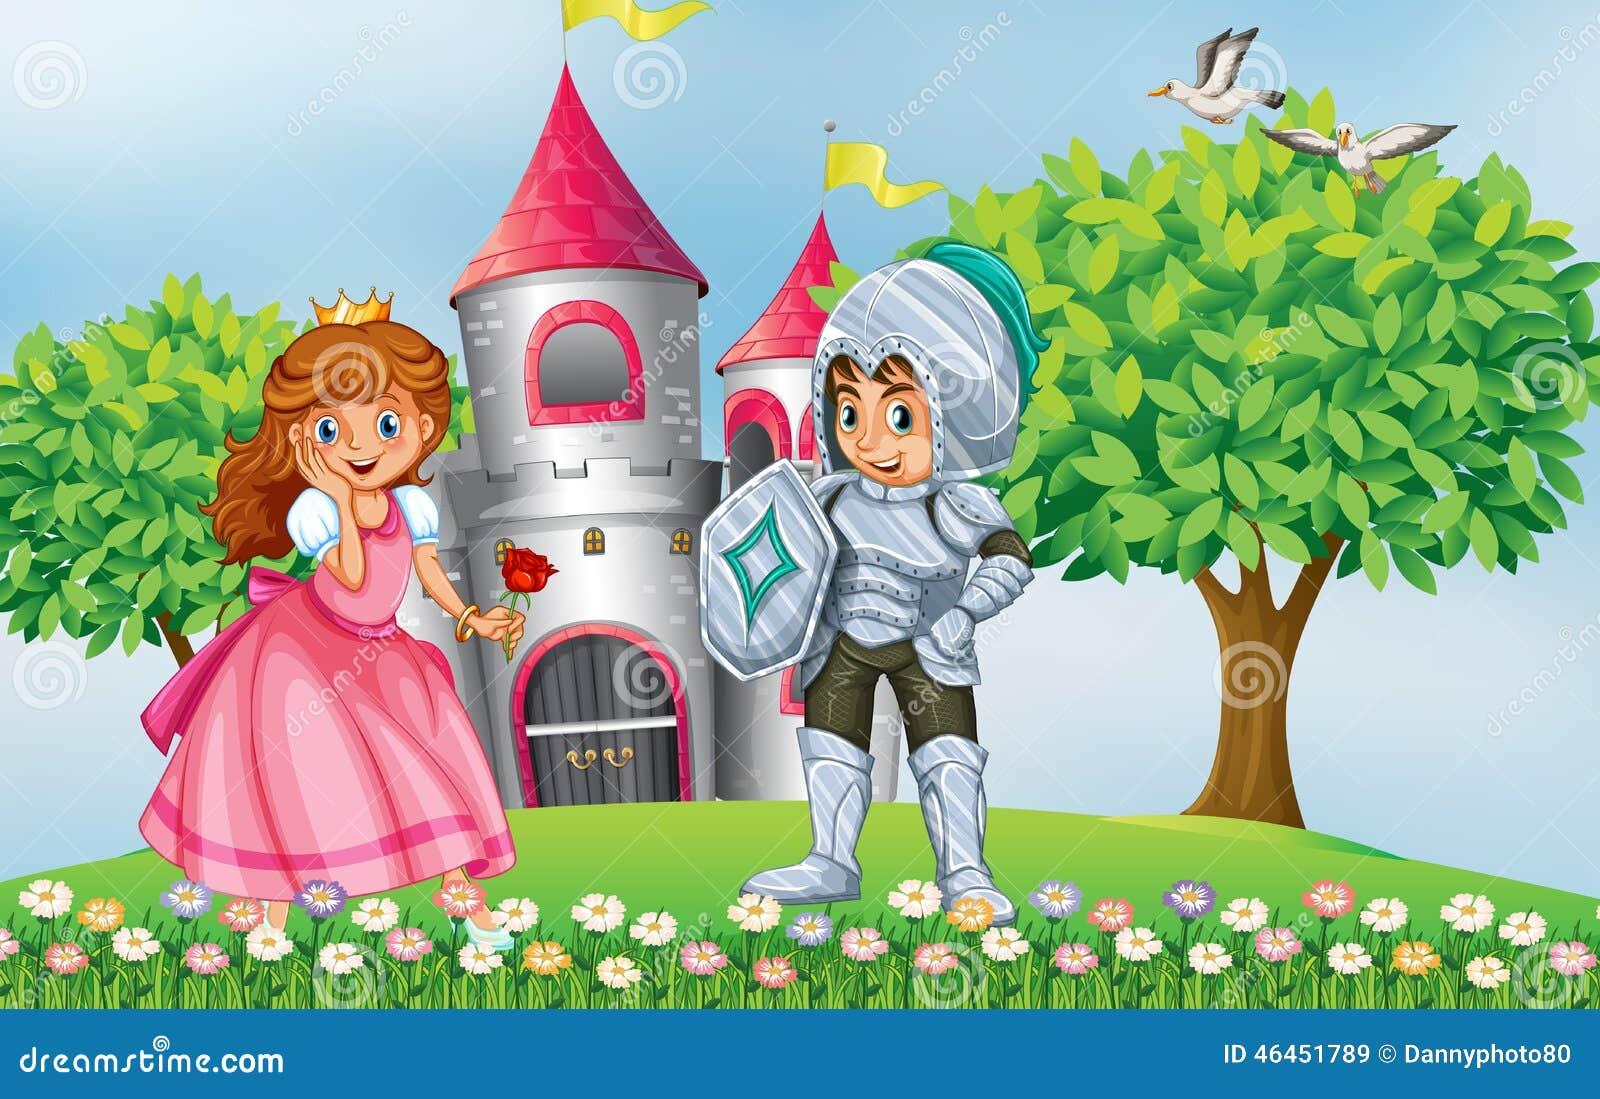 Рыцарь и принцесса рисунок карандашом